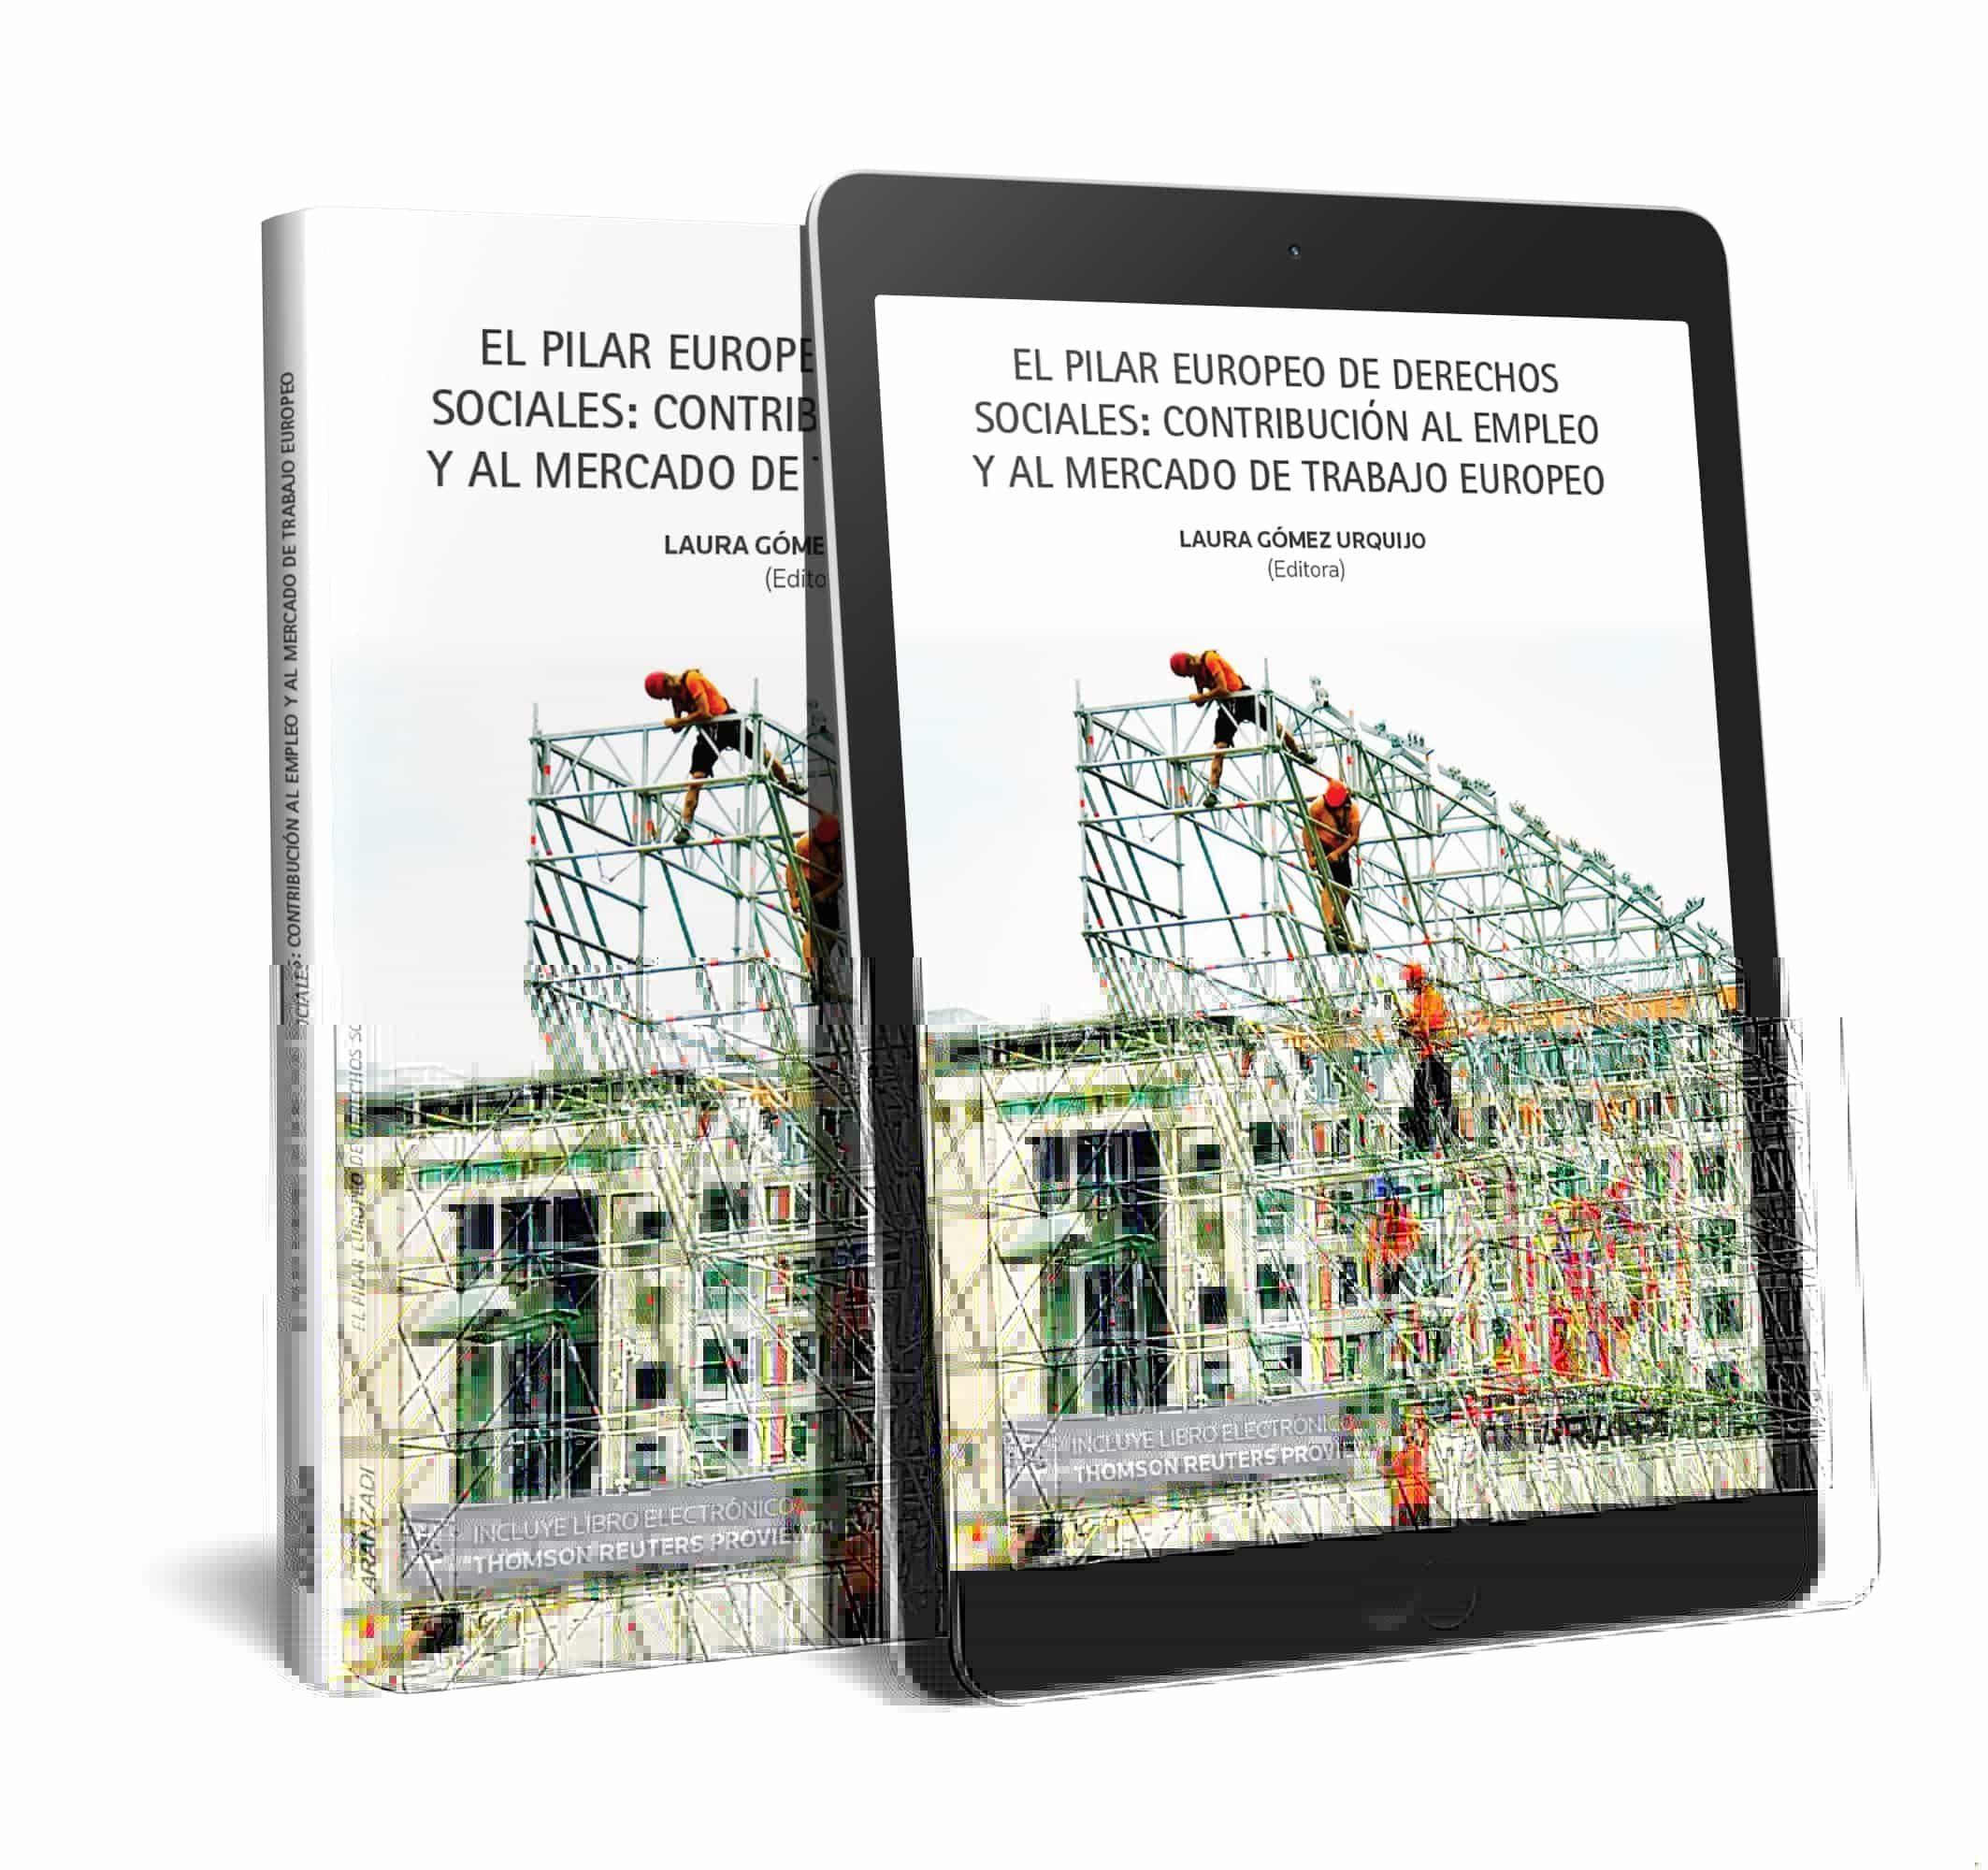 El Pilar Europeo De Derechos Sociales: Contribución Al Empleo Y Al Mercado De Trabajo Europeo por Laura Gómez Urquijo